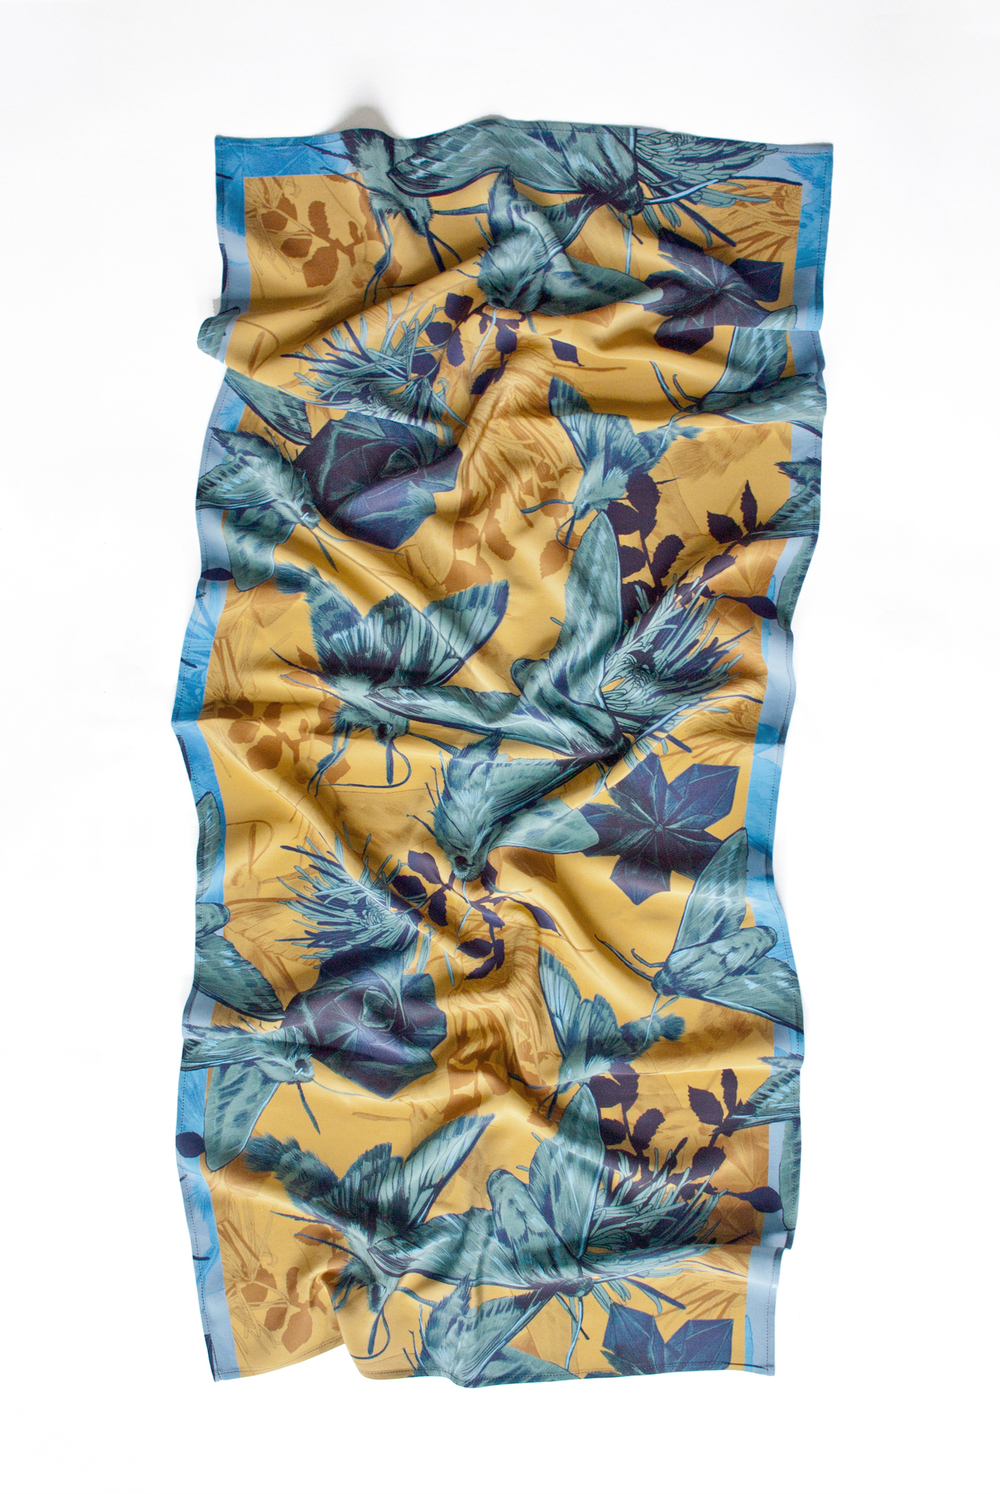 fig. 4. Heteroceras scarf